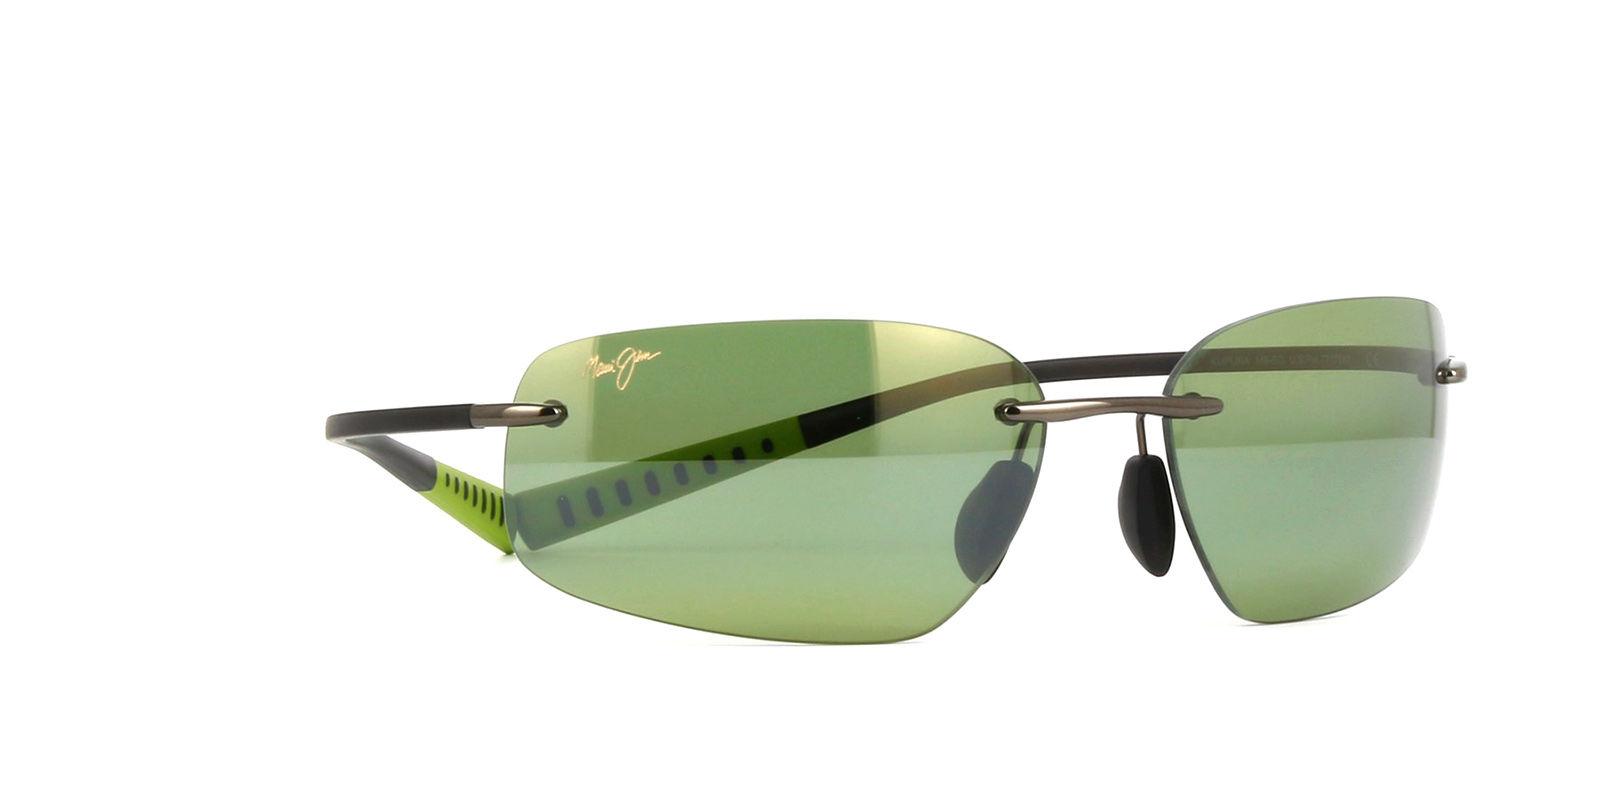 عینک آفتابی مائوئی جیم - Maui Jim مدل Kupuna HT742